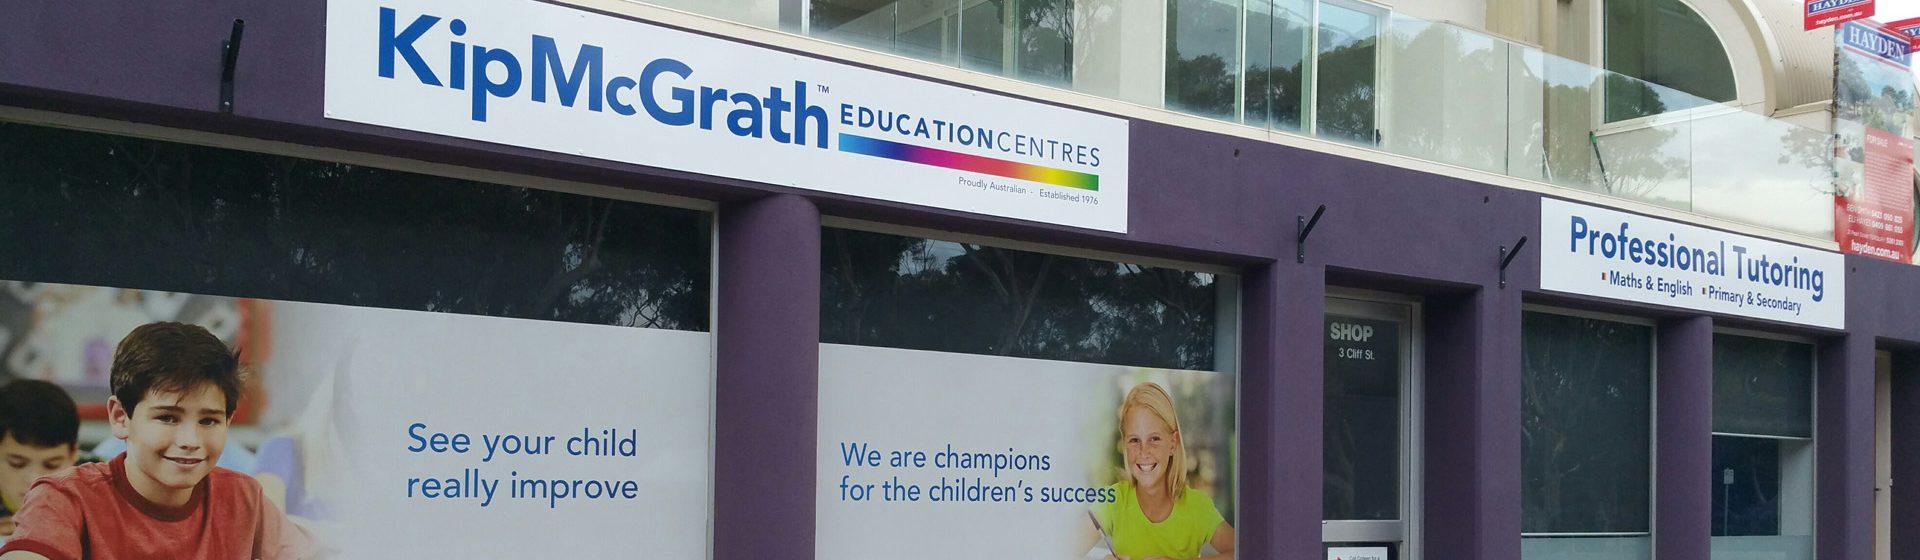 Kip McGrath Shopfront Signage